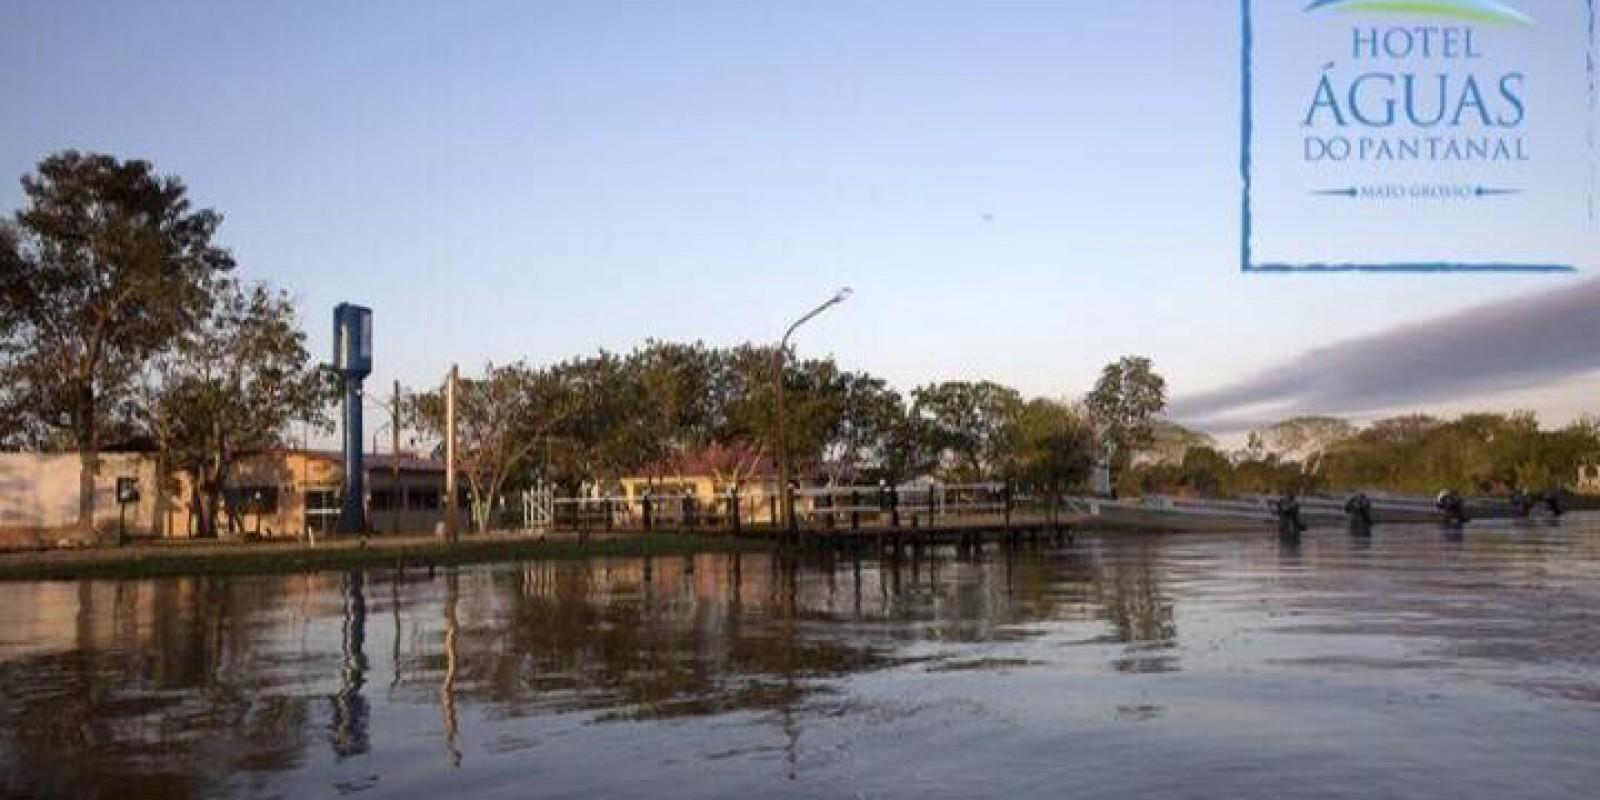 Pousada Águas do Pantanal - Foto 10 de 17